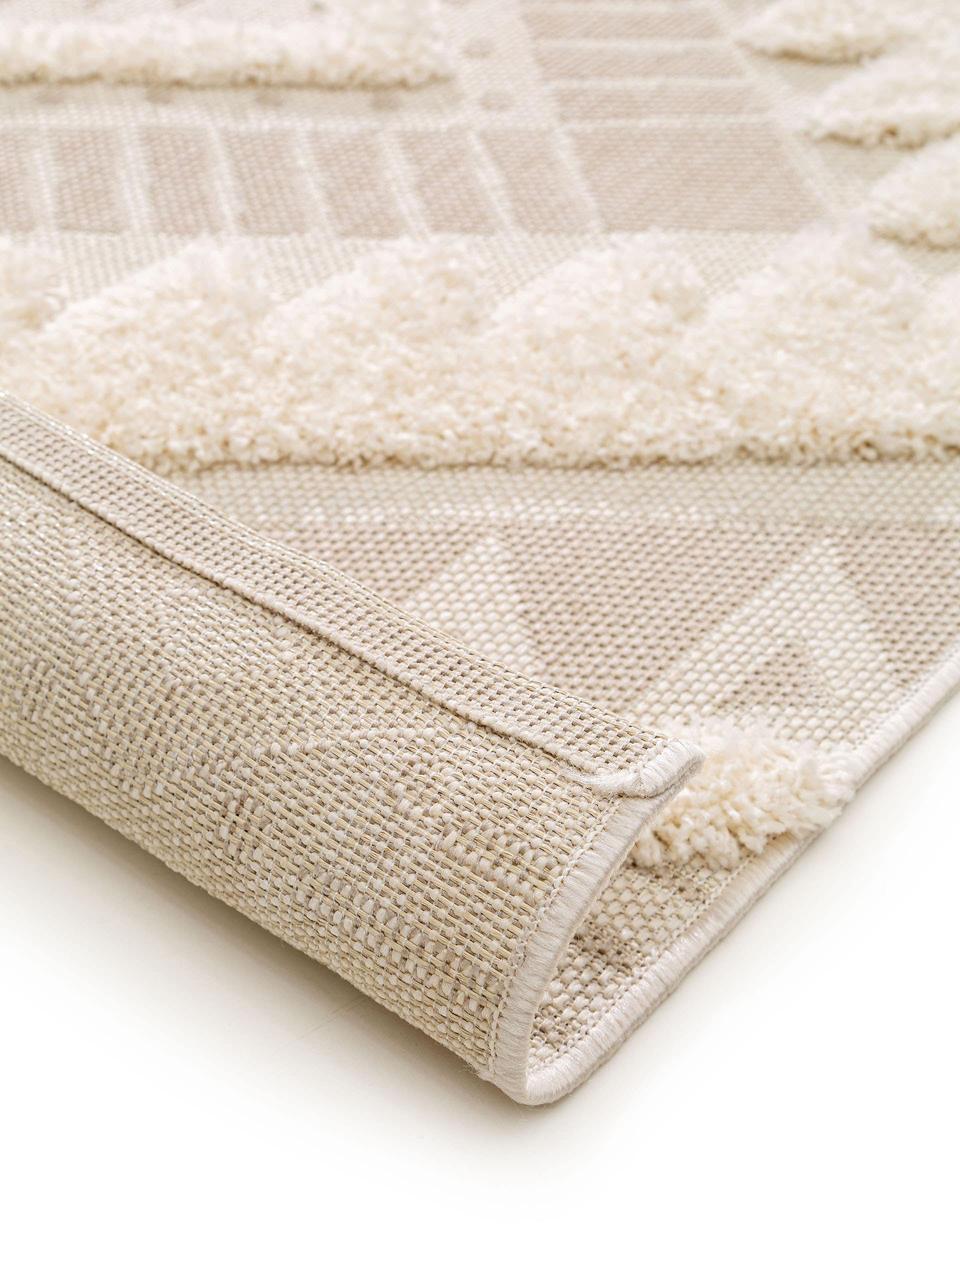 Ethno in- & outdoor vloerkleed Carlo met hoog-laag structuur, 100% polyethyleen, Beige, crèmekleurig, B 120 x L 170 cm (maat S)